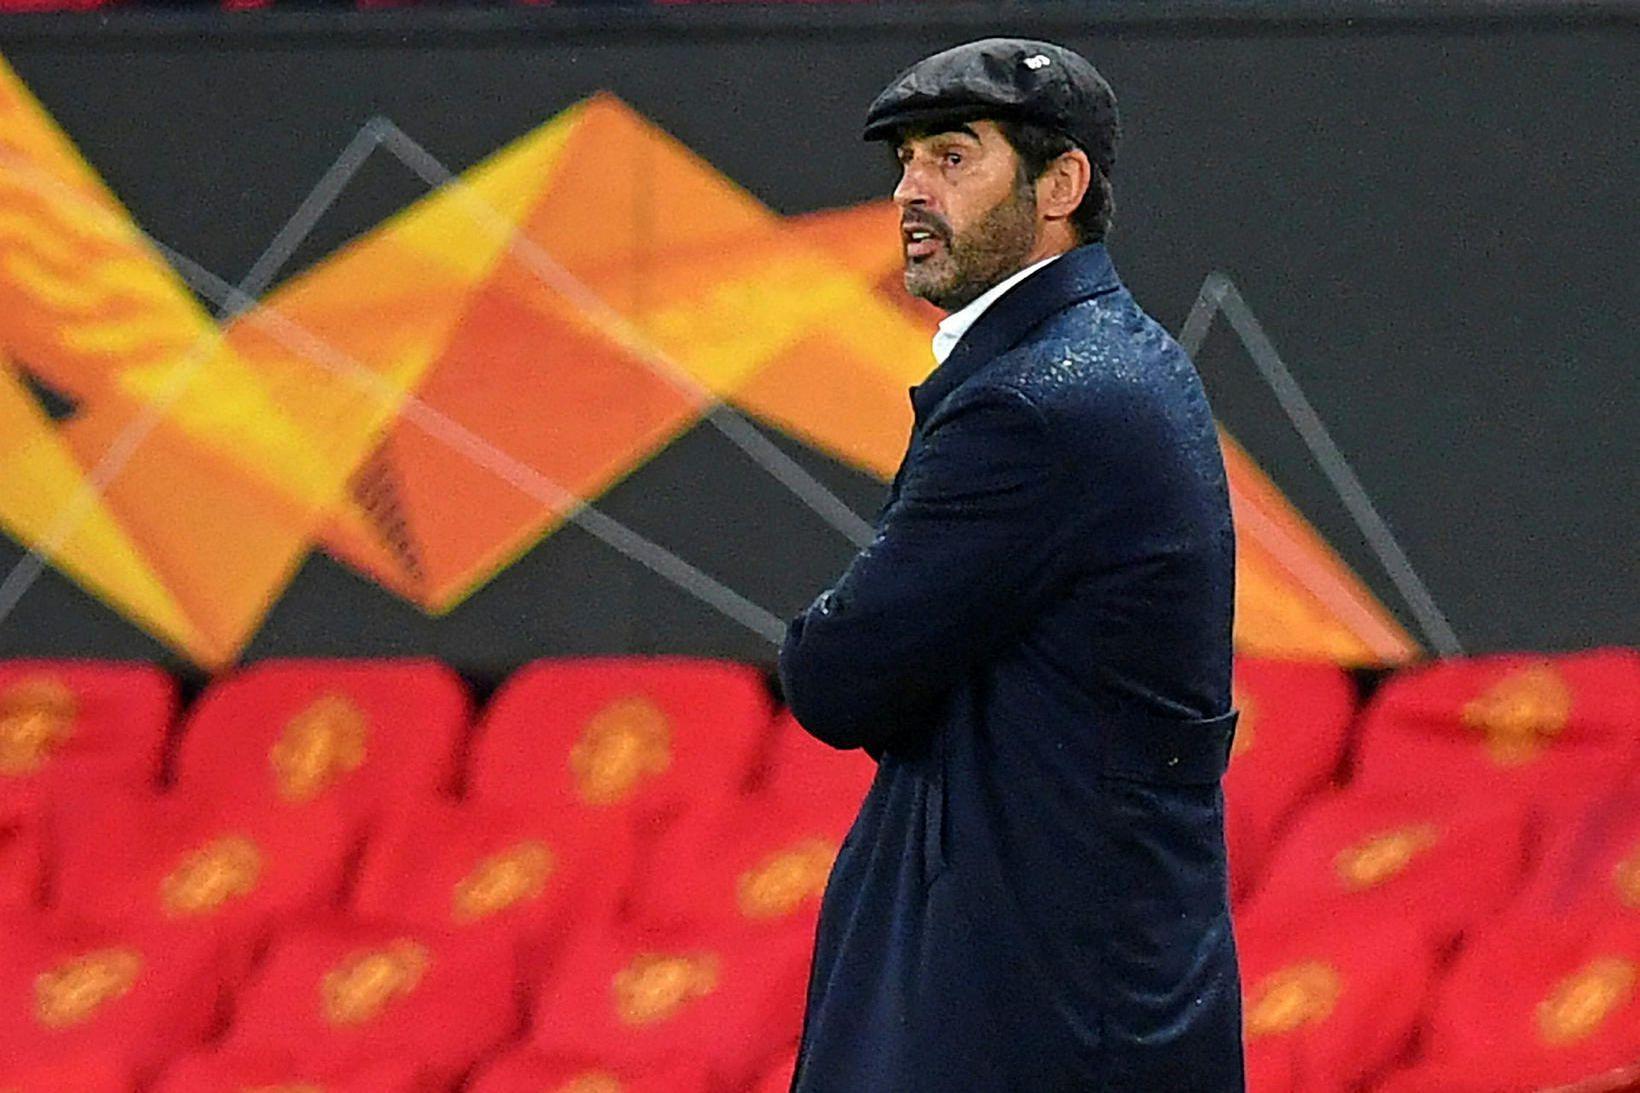 Paulo Fonseca verður væntanlega næsti knattspyrnustjóri Tottenham.